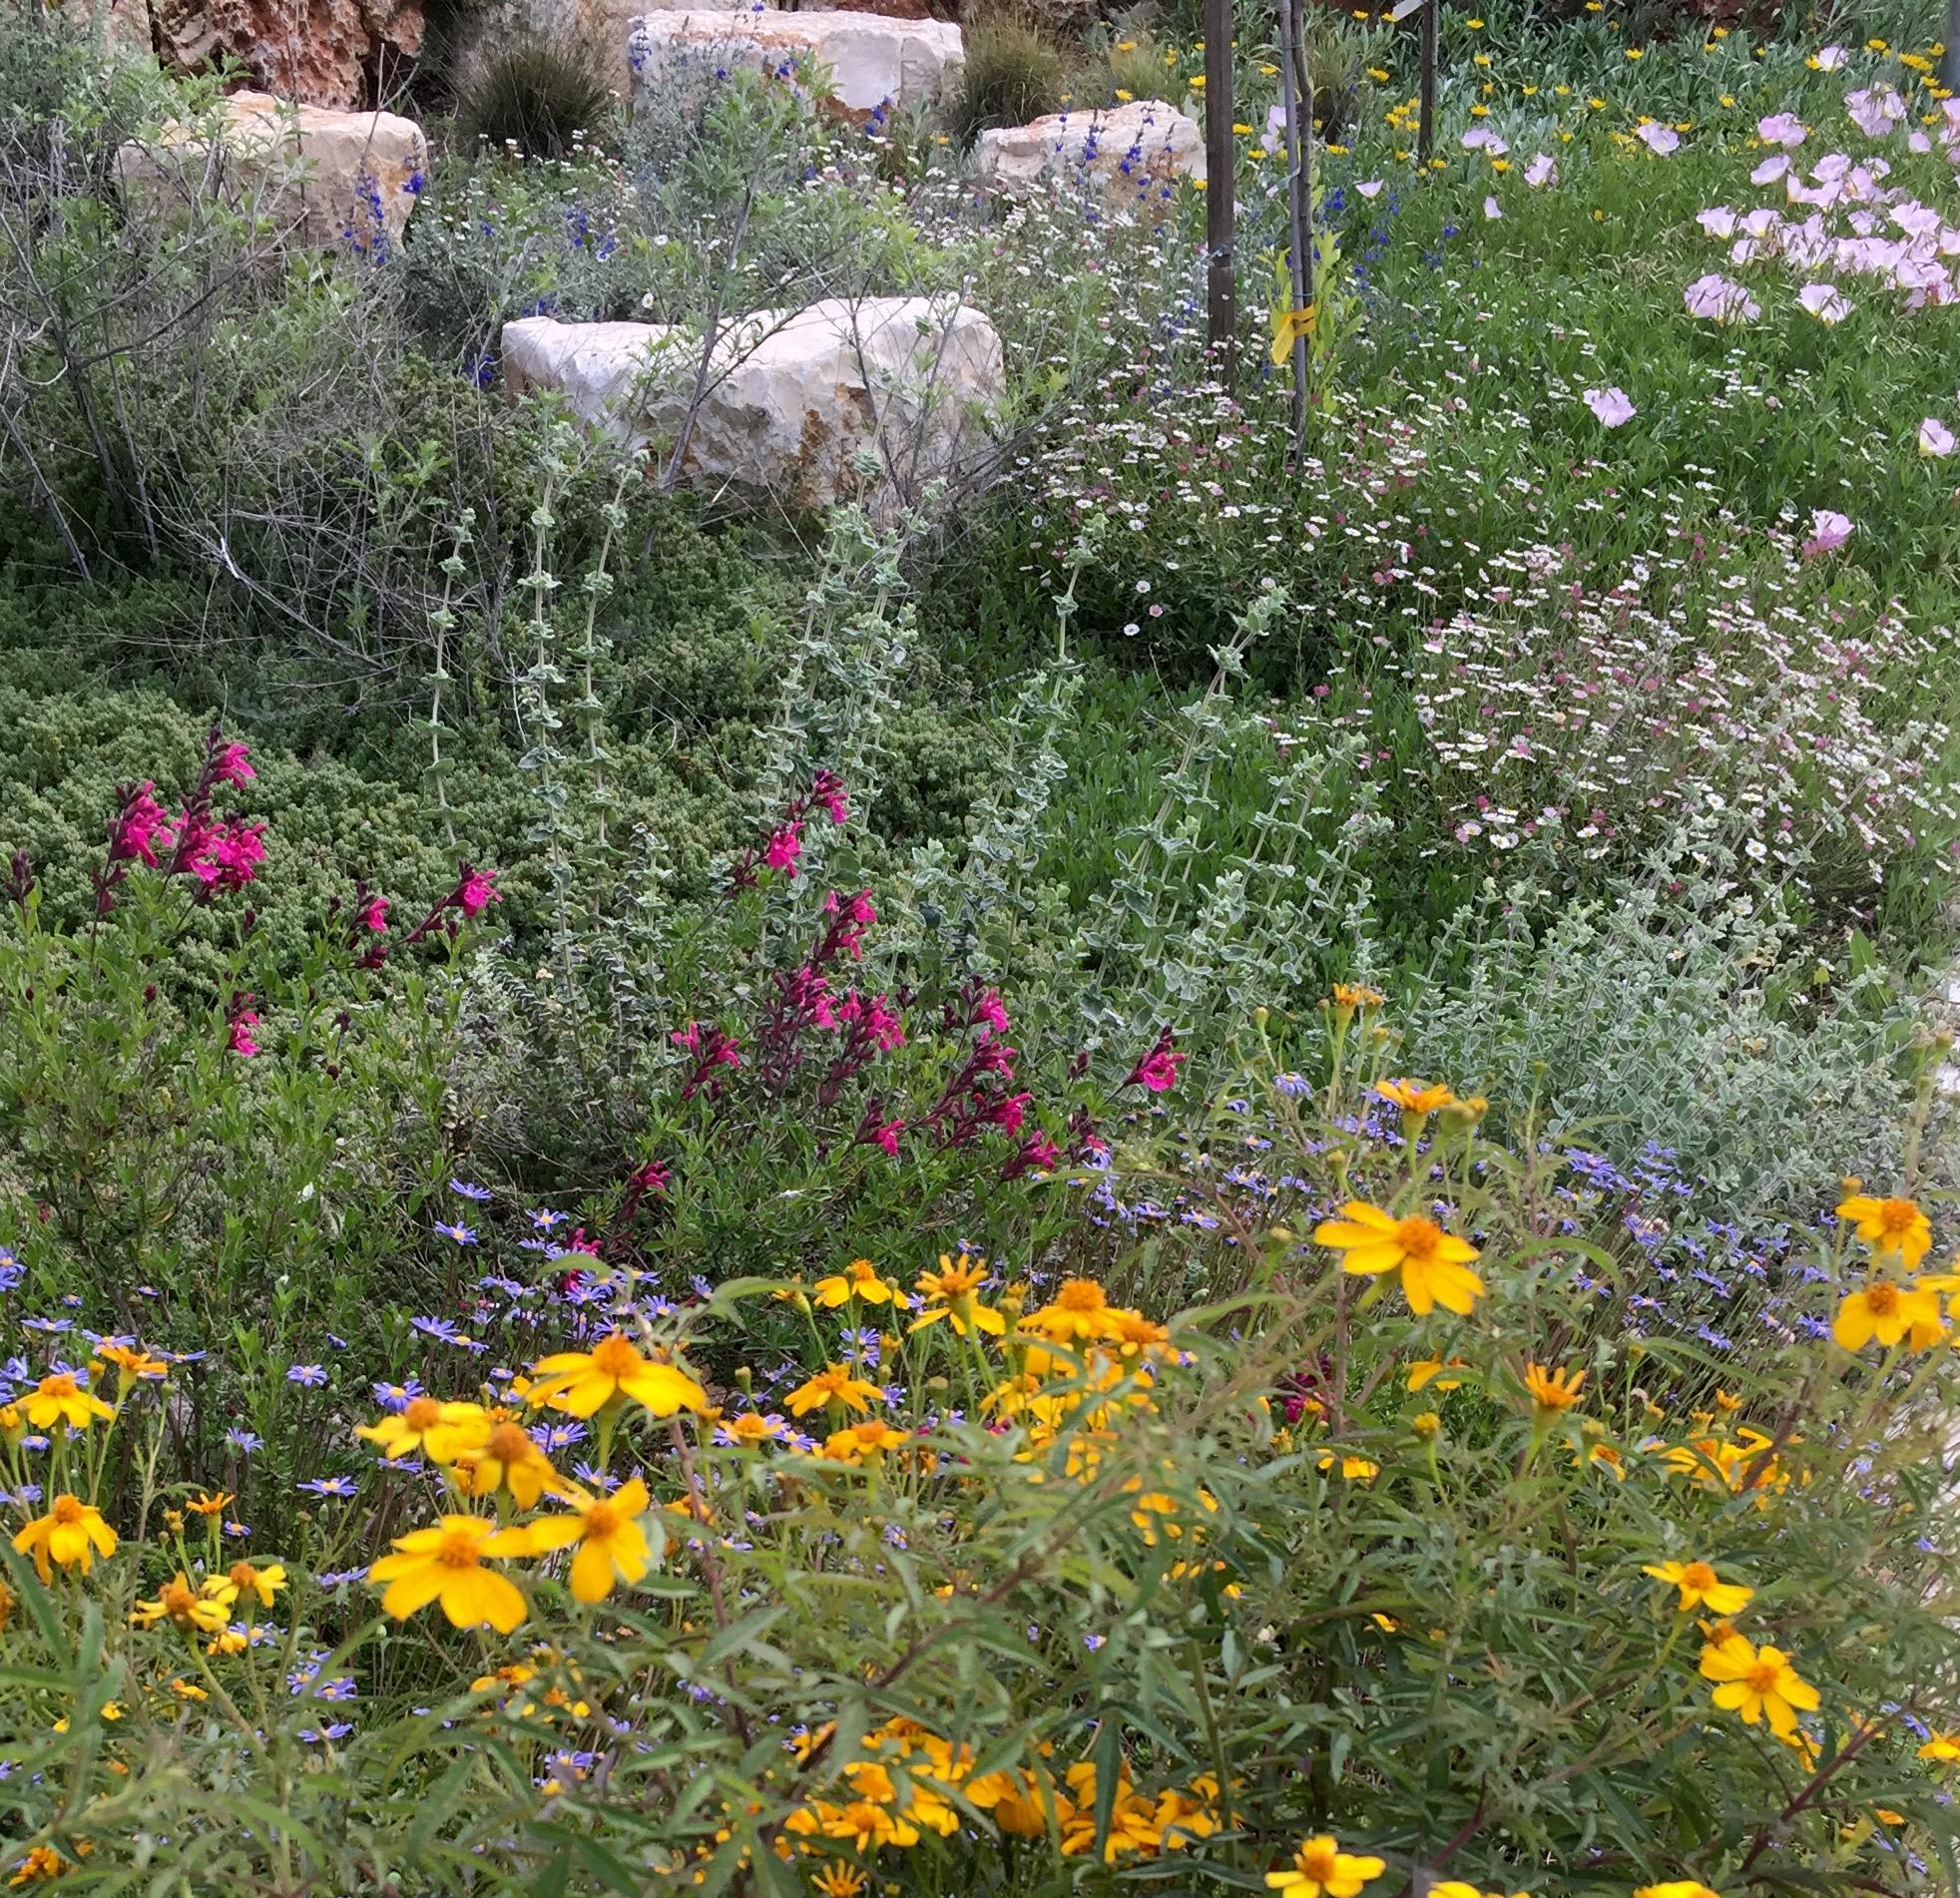 גינת פרפרים וצמחי בר ברמות מנשה